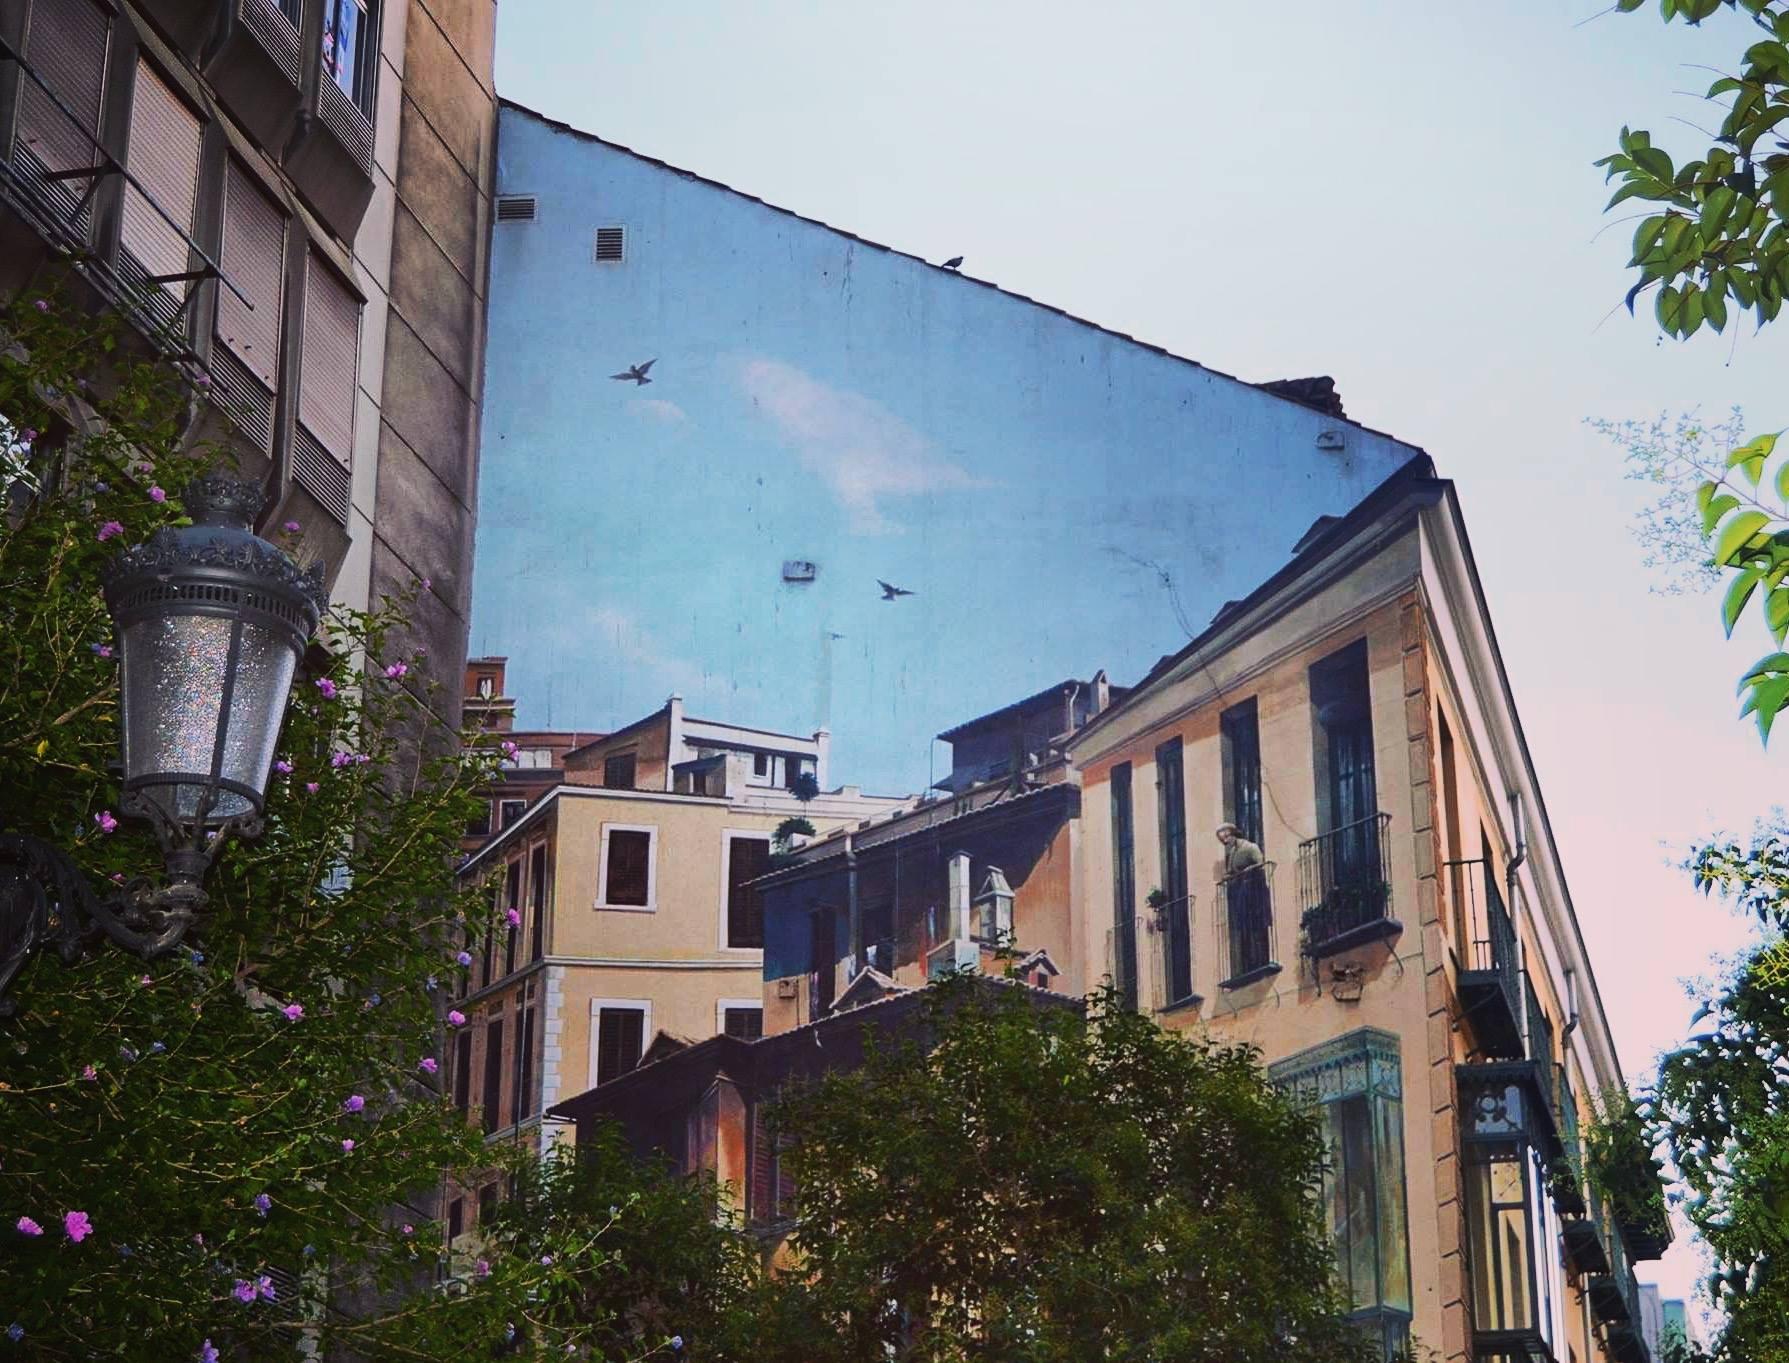 Genial Fassade Haus Foto Von Die Architektur Stadt Innenstadt Dorf Eigentum Immobilien